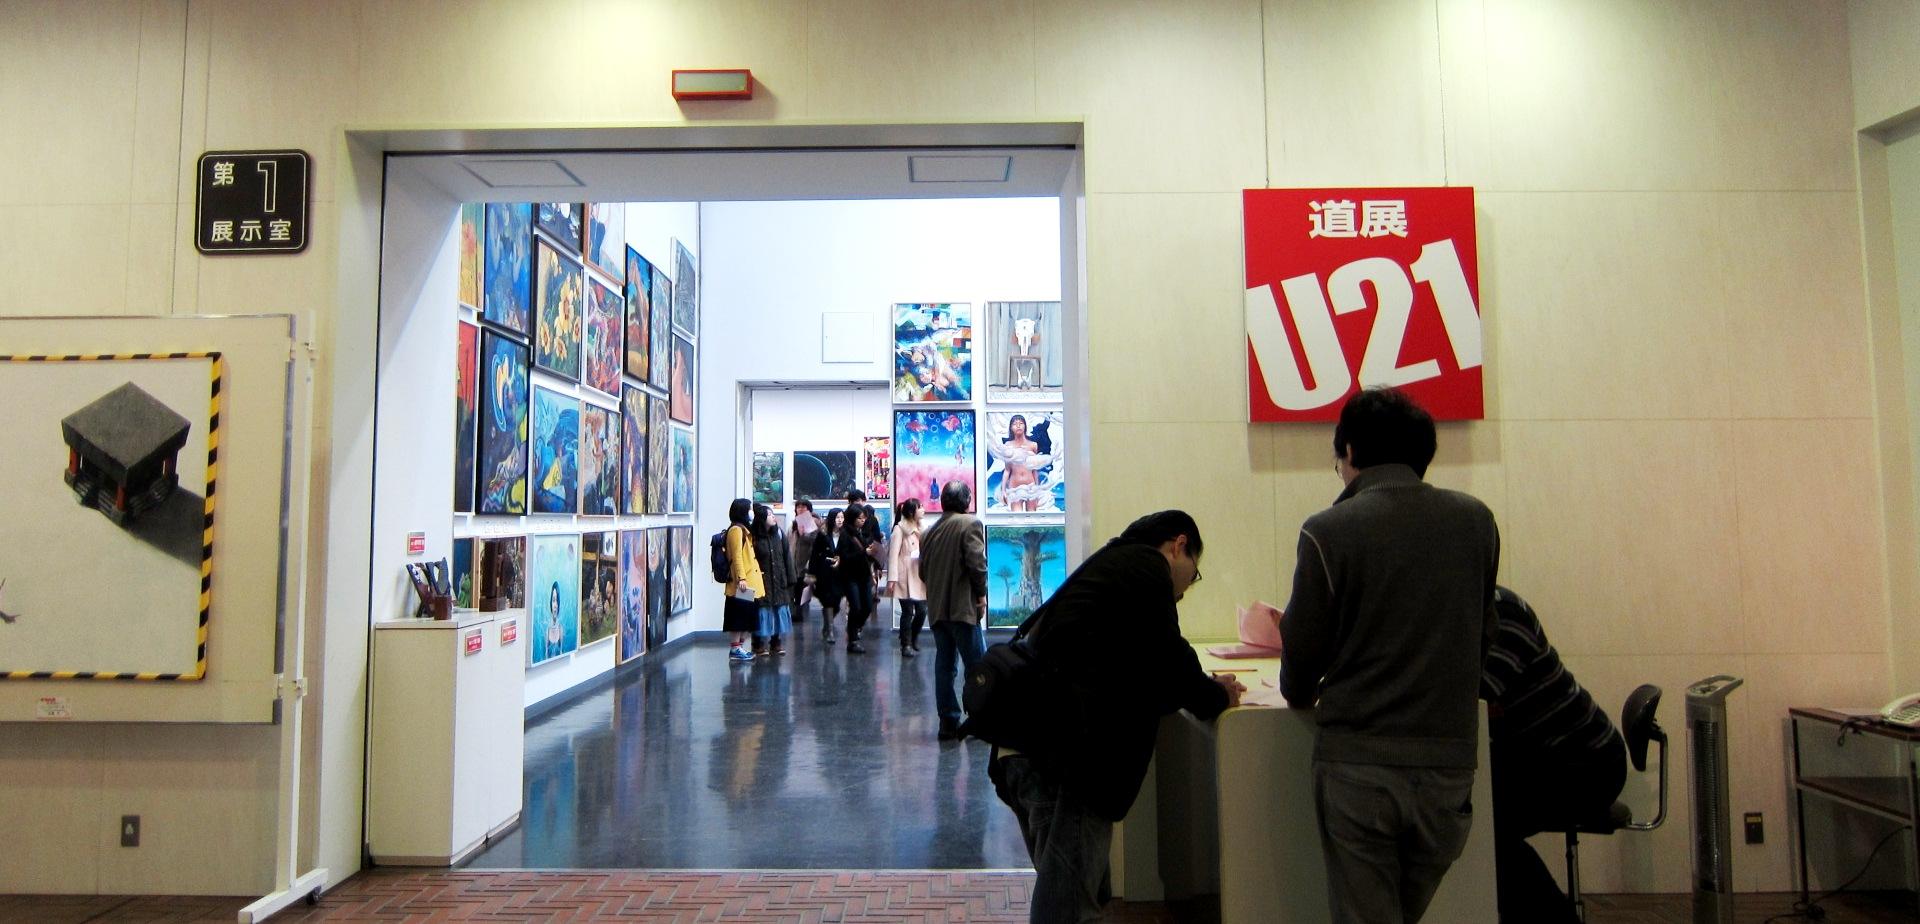 2355)②「道展U21 2014 第7回」 市民ギャラリー 終了2月14日(金)~2月16日(日)_f0126829_1452135.jpg